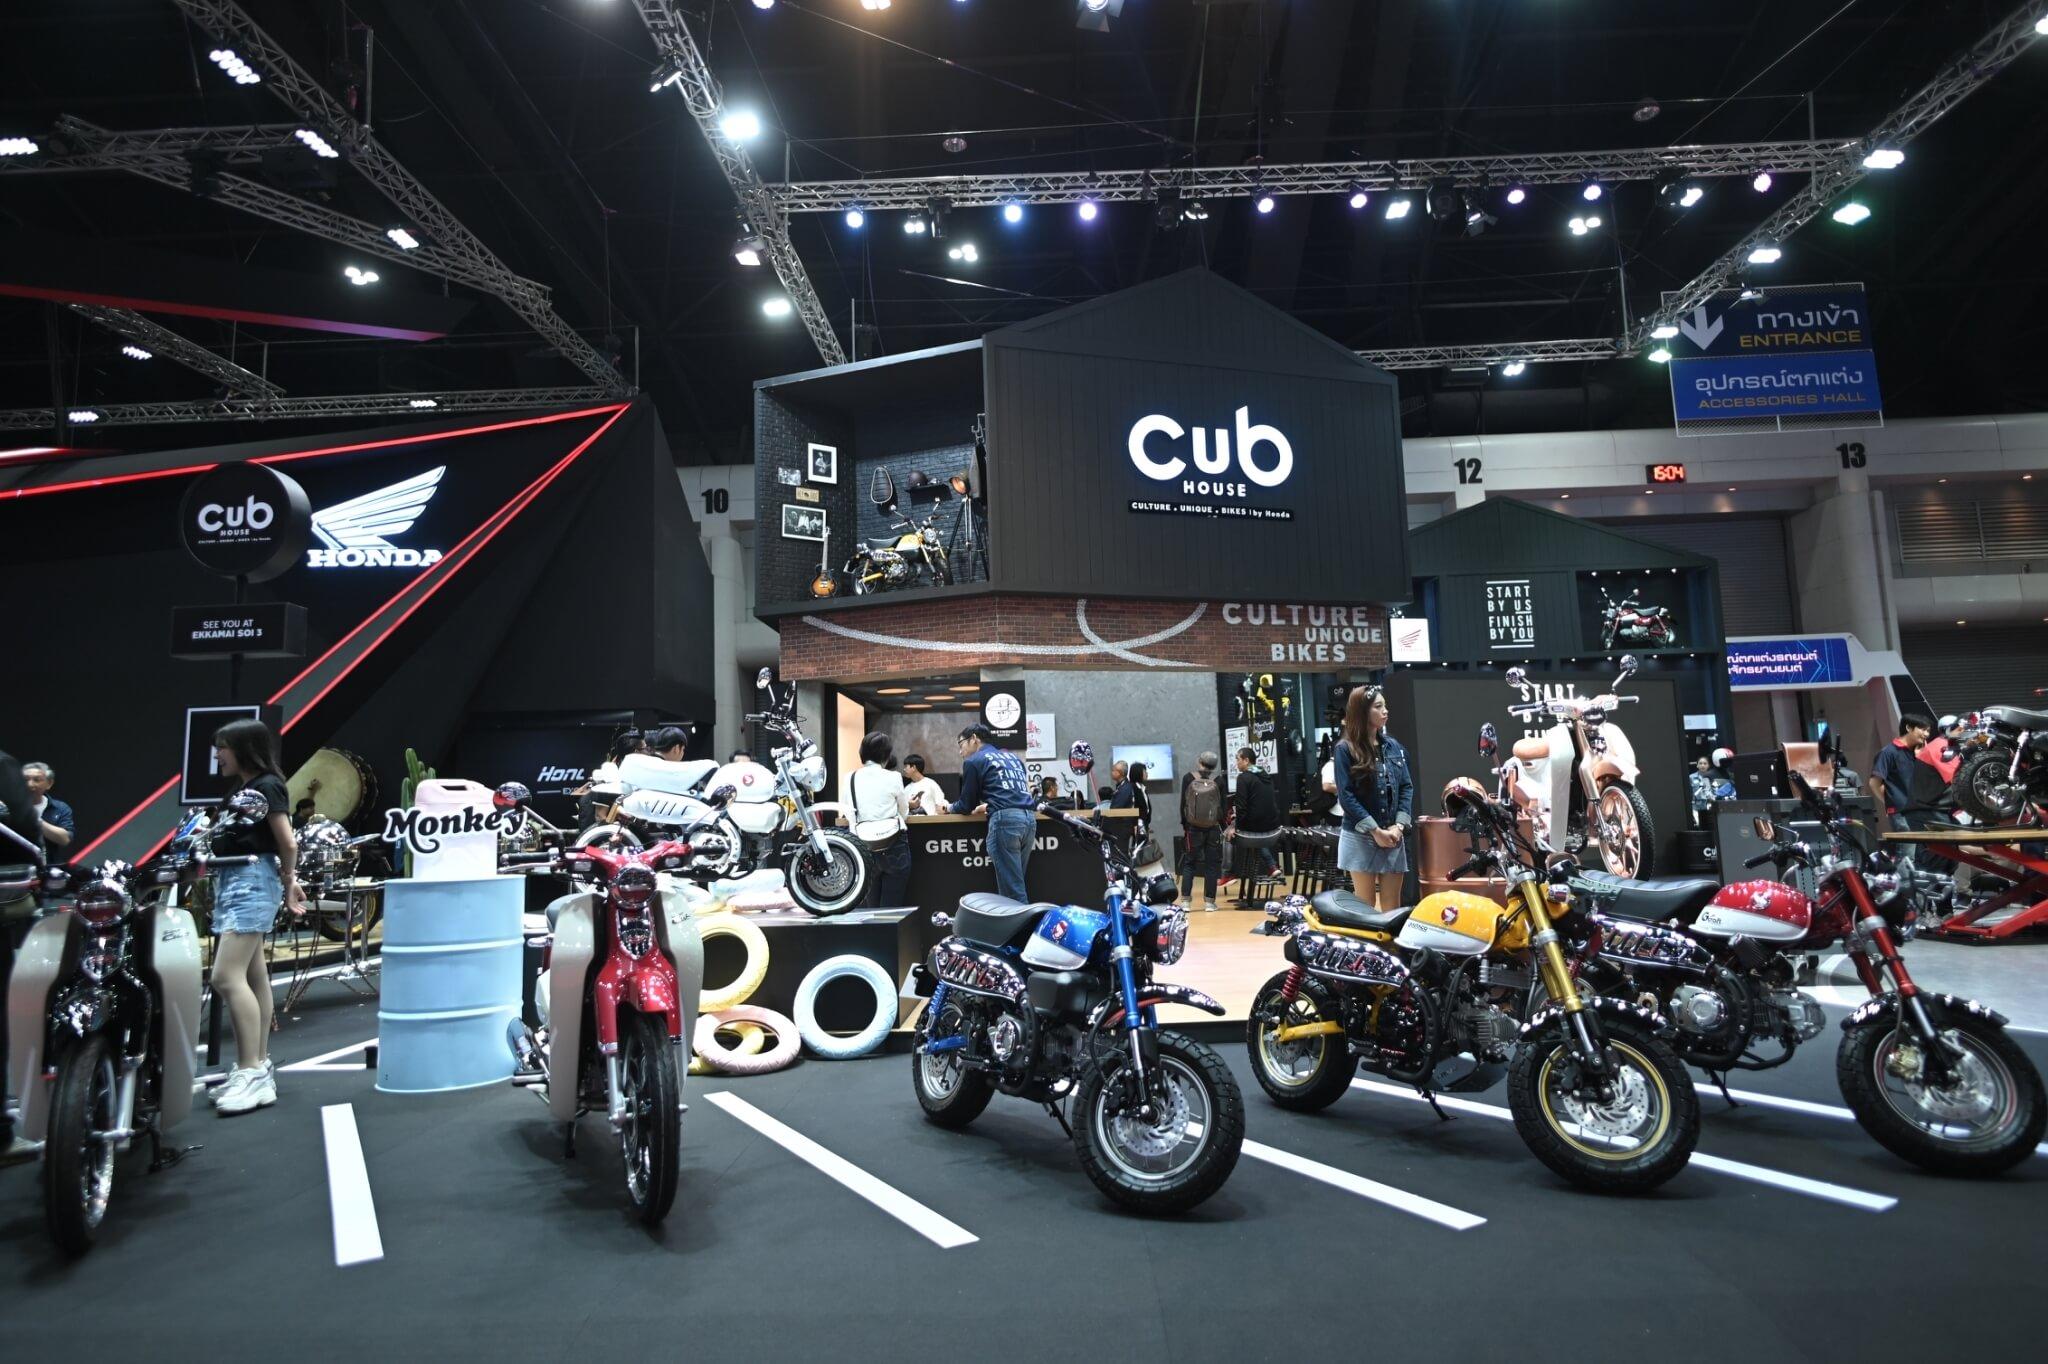 CUB House บูทของคนมีสไตล์! ที่งาน Motor Show 2019